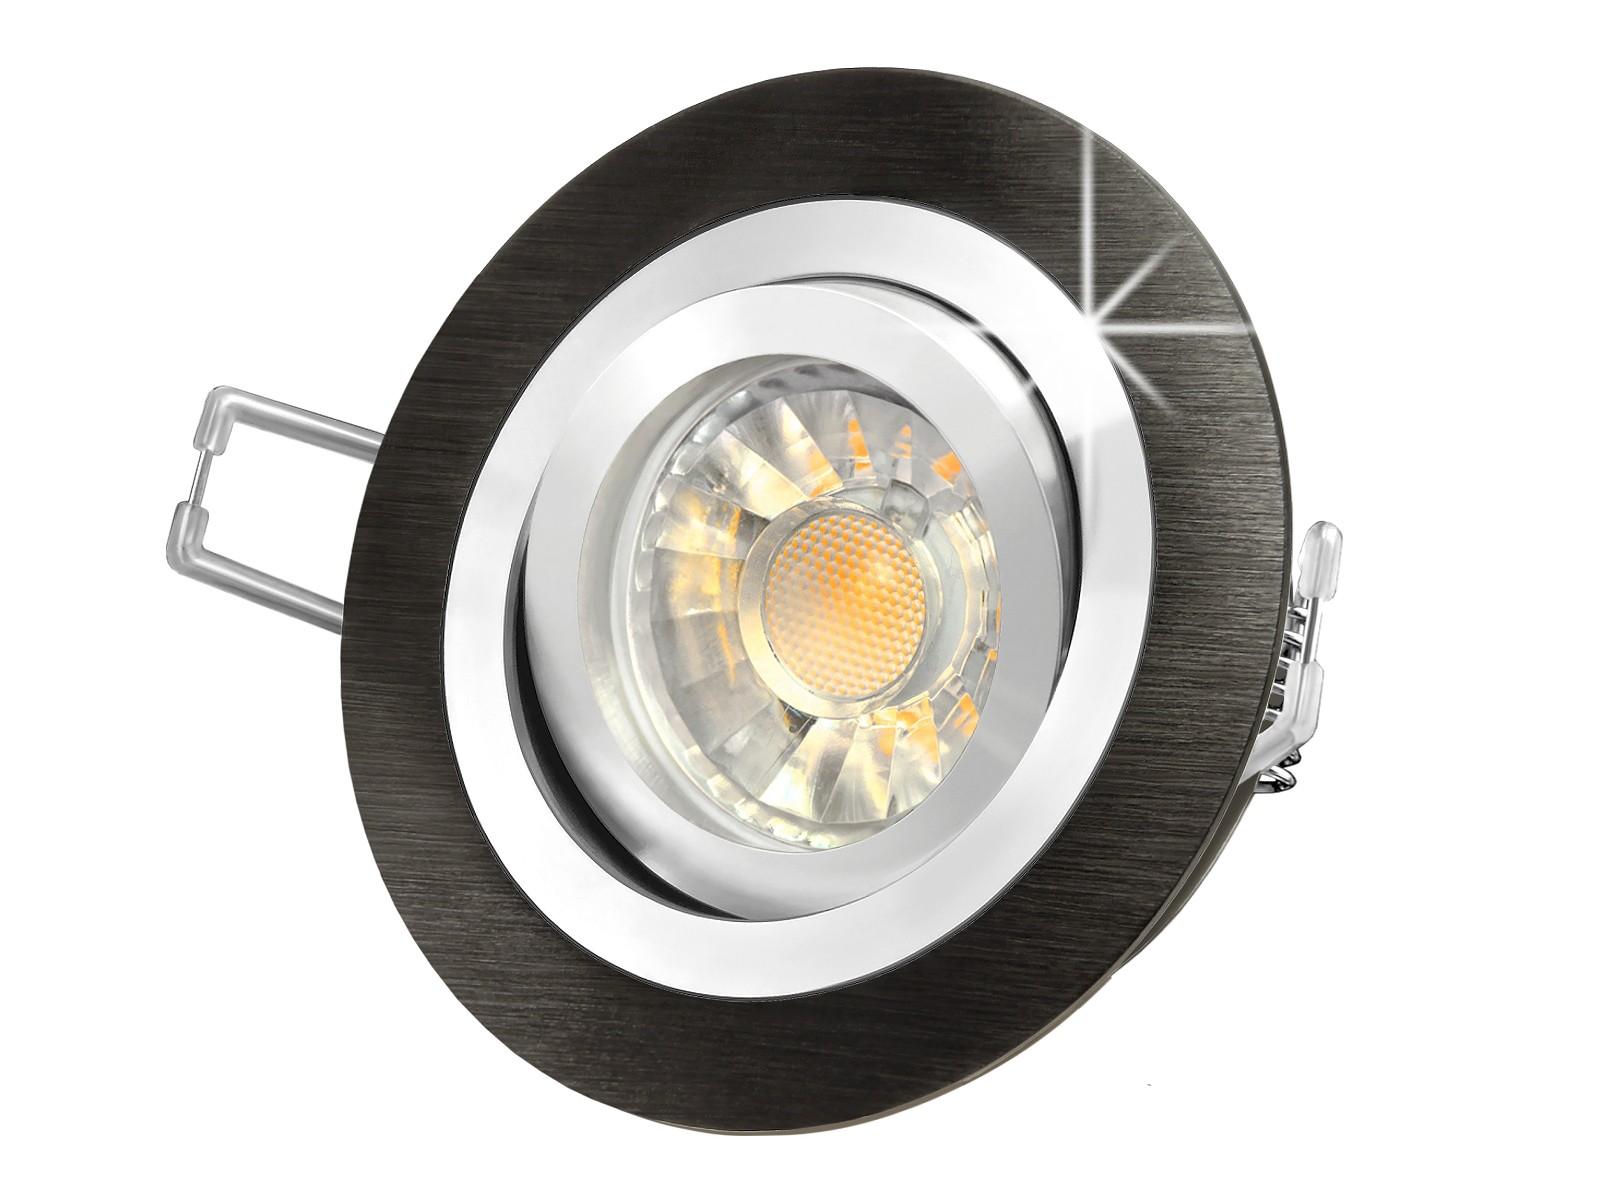 LED-EInbauleuchte-Strahler-QF2-Schwarz-Gebuerstet-Di Verwunderlich Led Lampen Gu10 Dimmbar Dekorationen